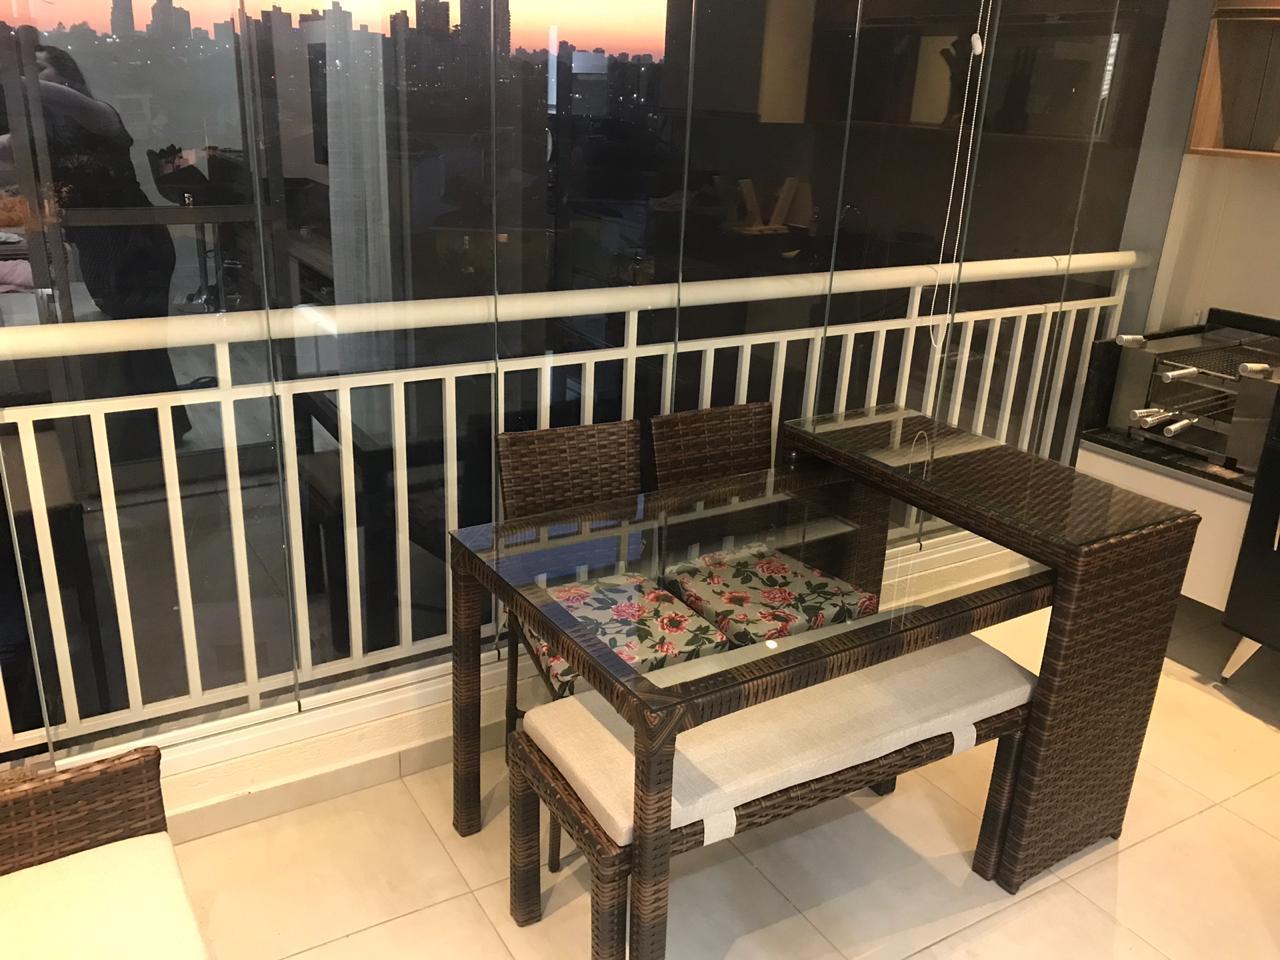 mam-moveis-conjuntos-de-mesa-conjunto-mesa-retangular-com-2-bancos-em-fibras-sinteticas-para-a-sua-varanda–amisterda